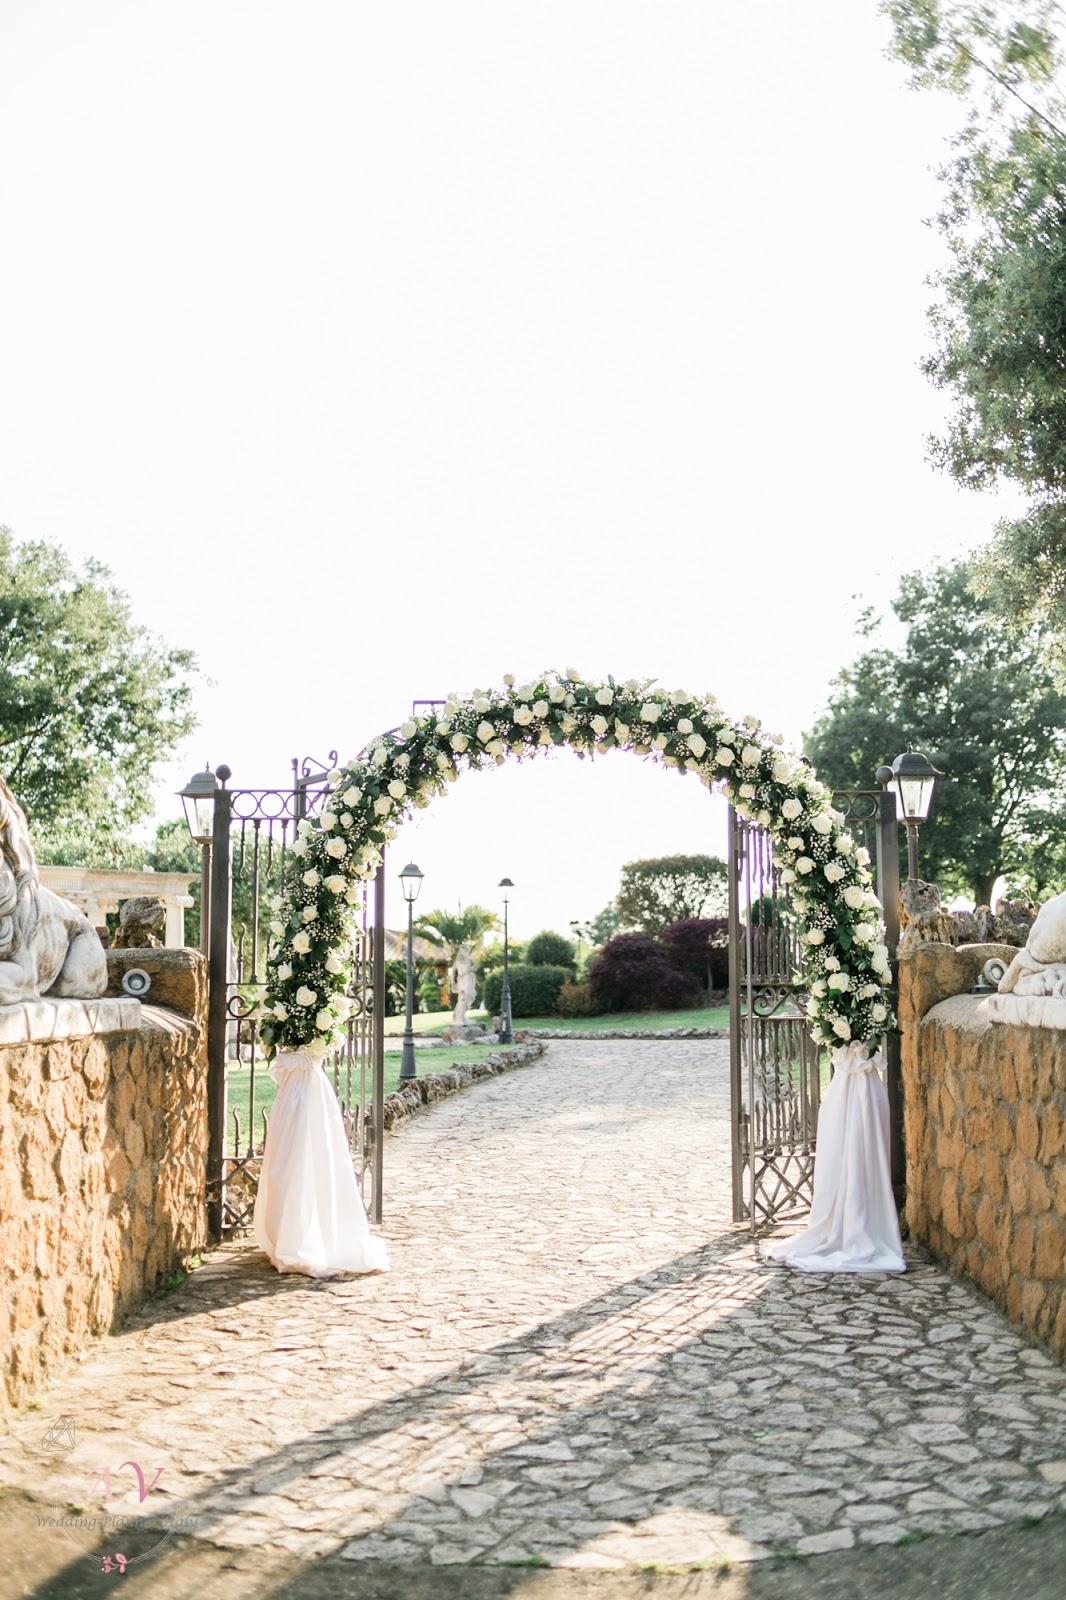 8f22a221eeb1 Curate nei minimi dettagli potranno essere la cornice perfetta per  celebrare il vostro matrimonio da favola.